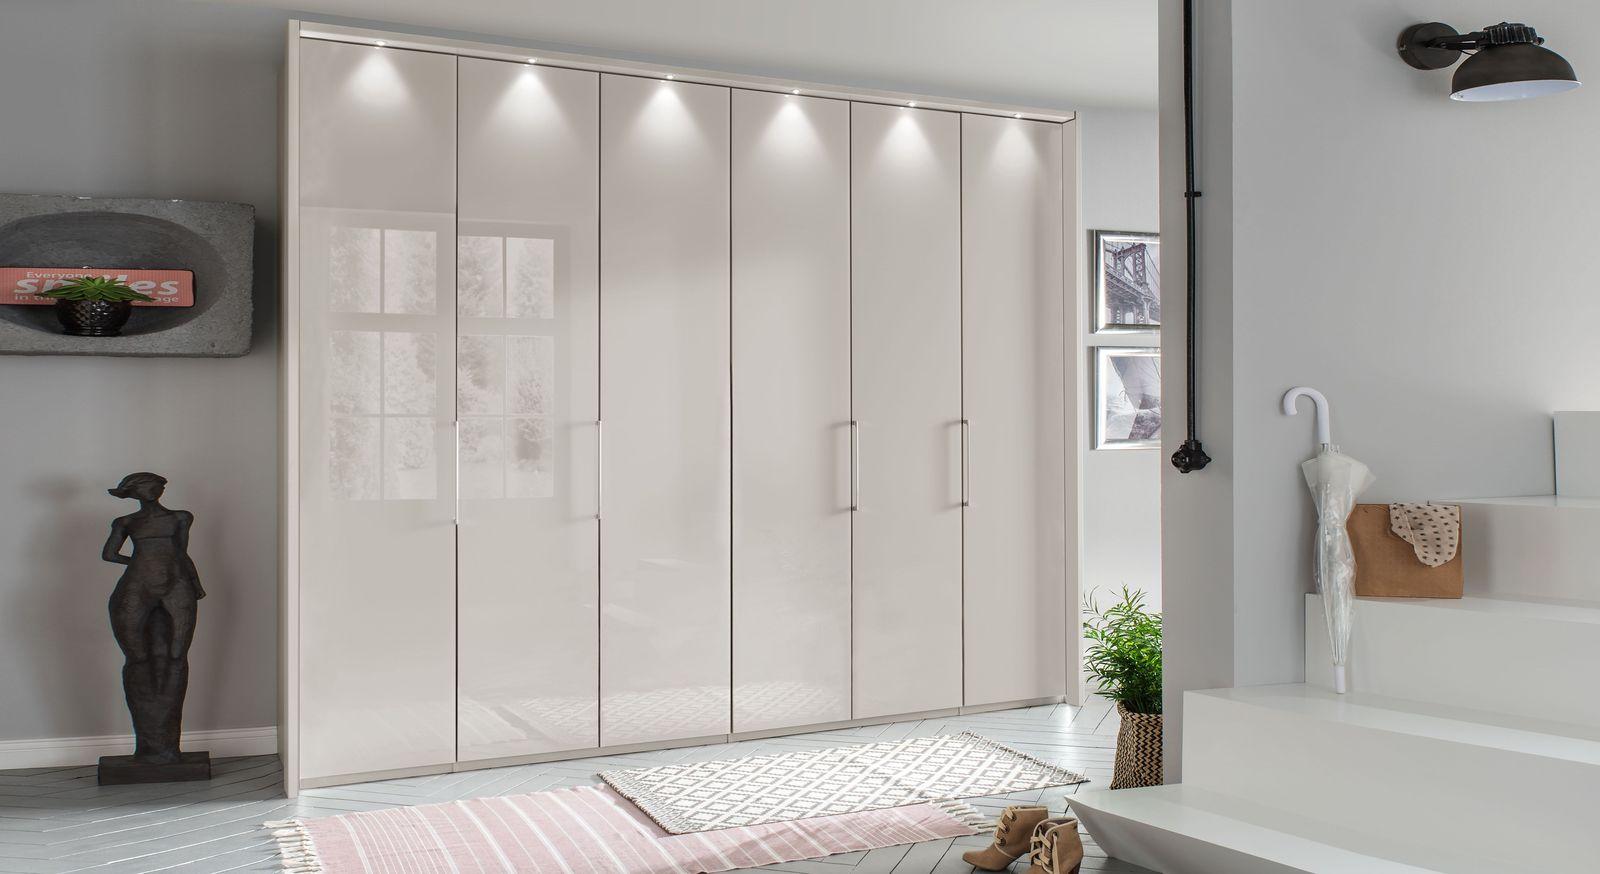 Falttüren-Kleiderschrank Northville optional mit Rahmen und Beleuchtung